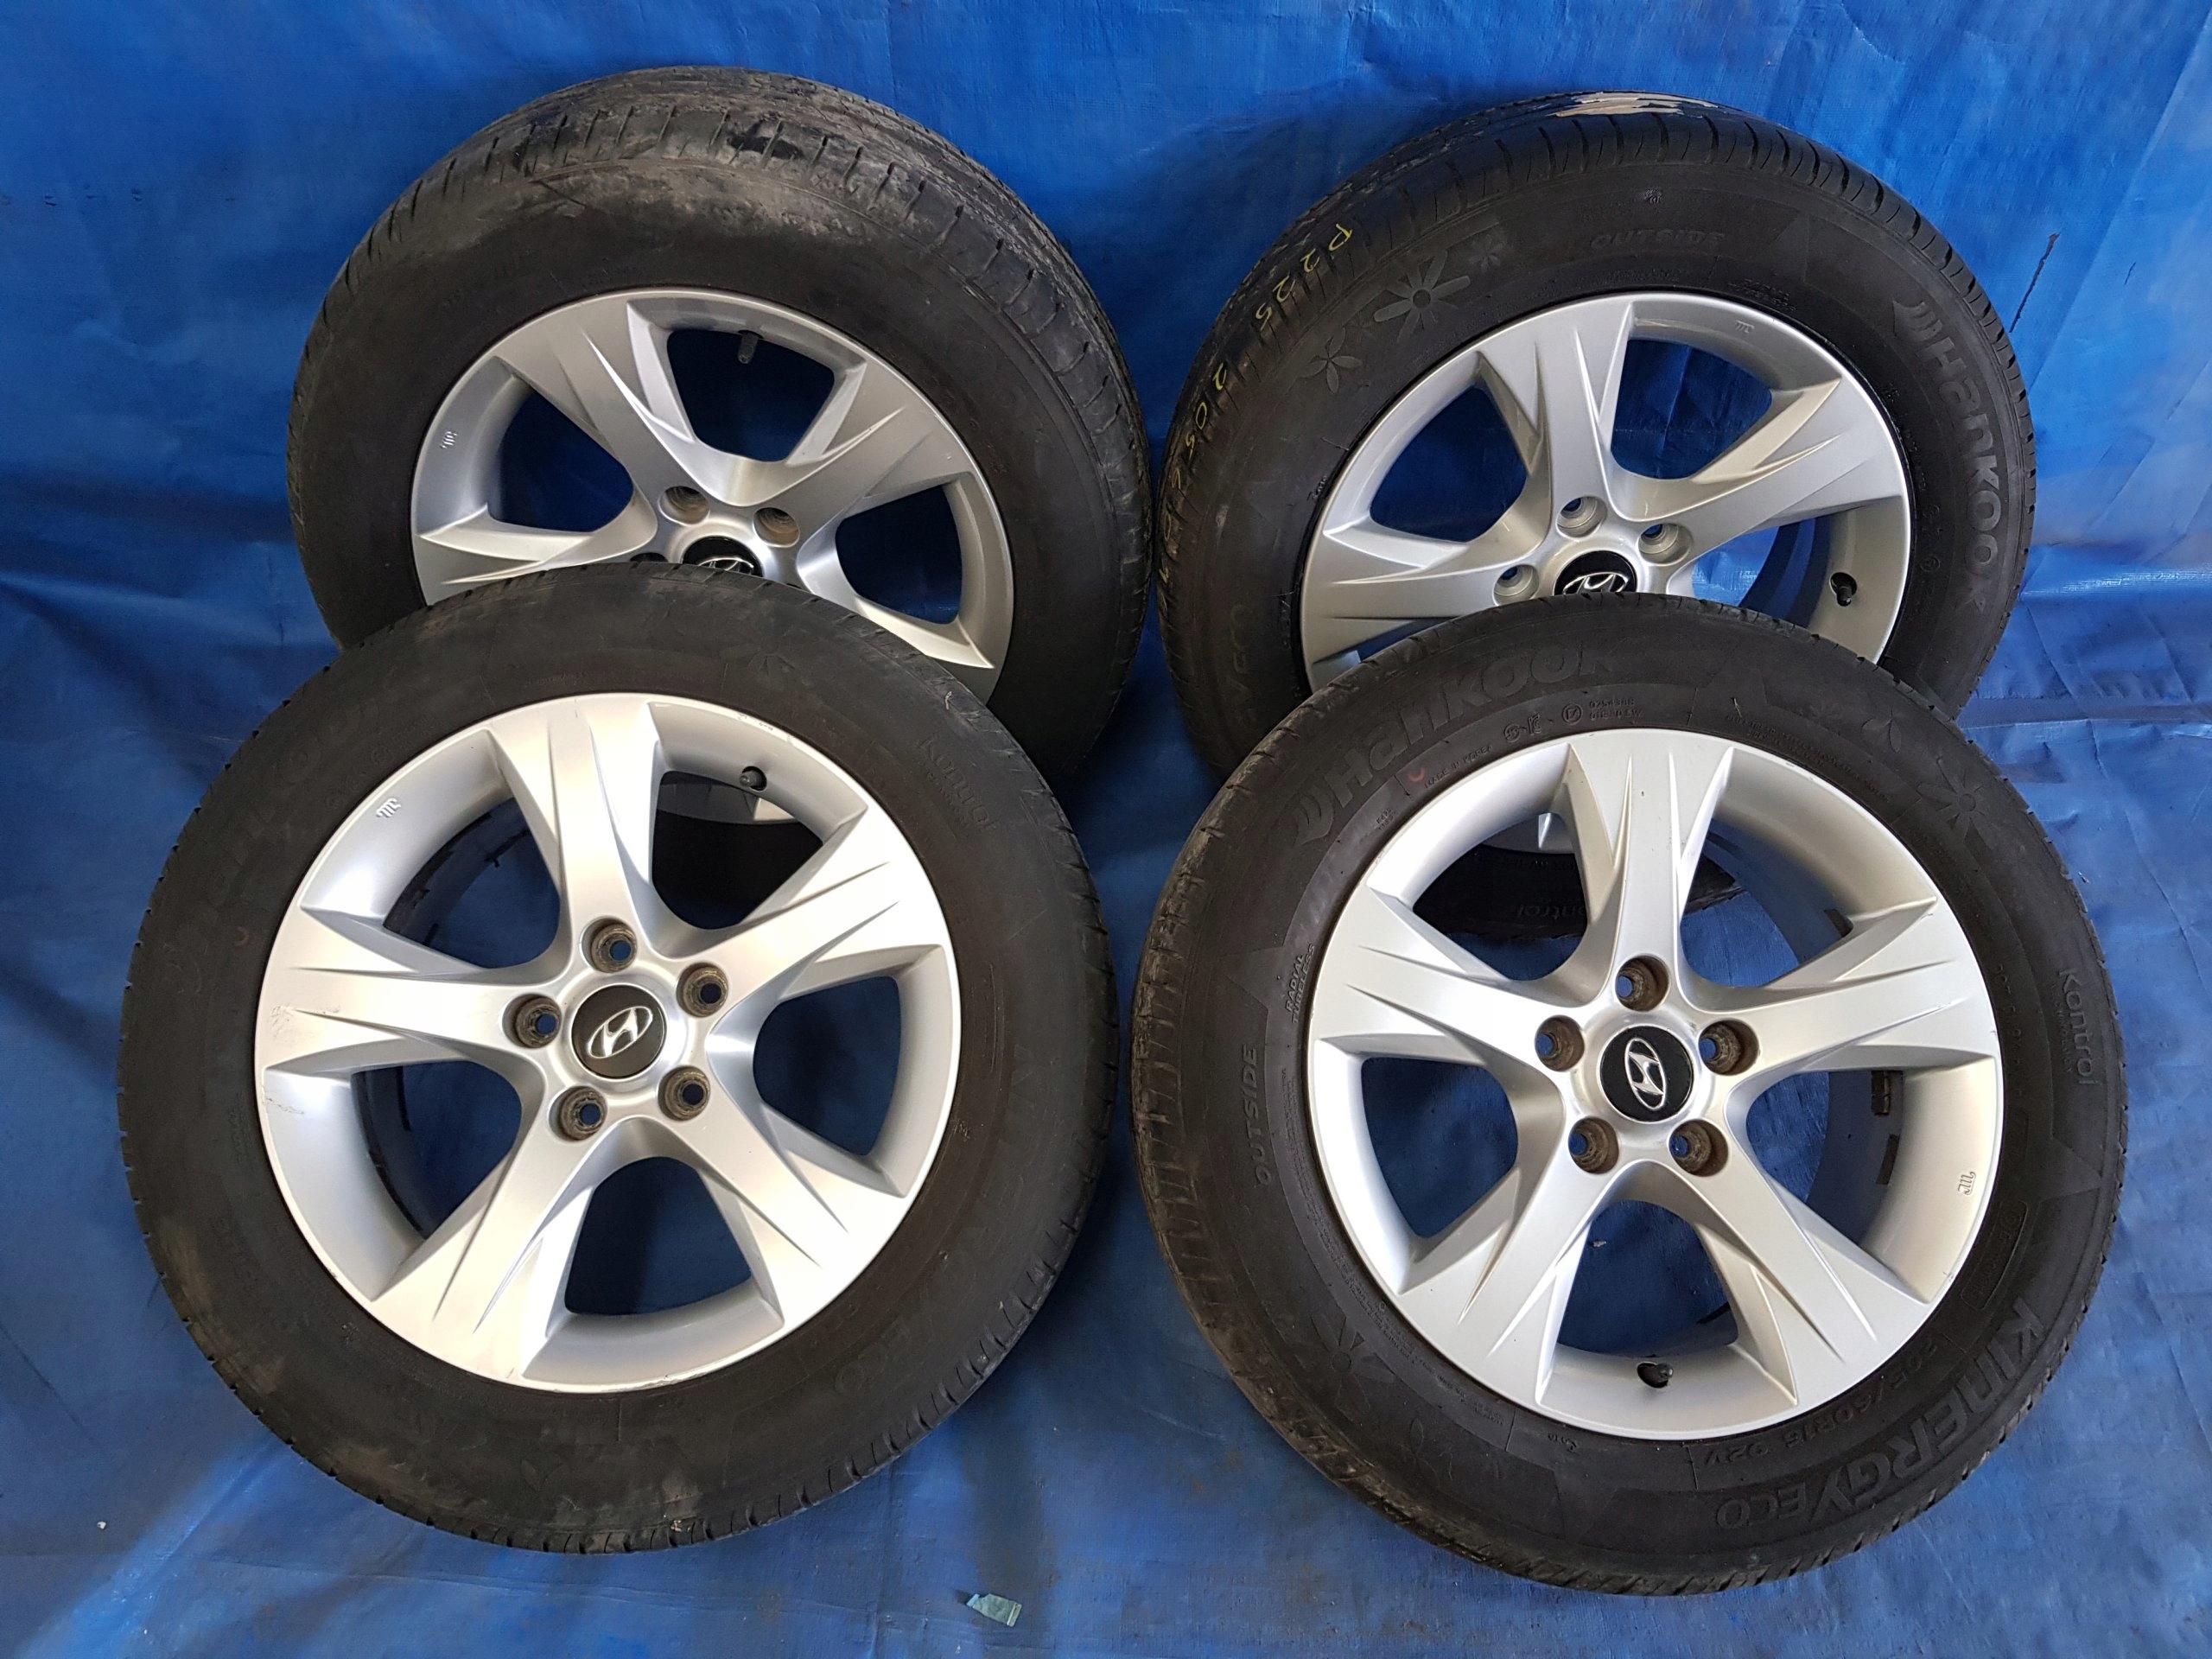 Kola Felgi Alusy Opony Hyundai I30 I40 5x1143 7299345216